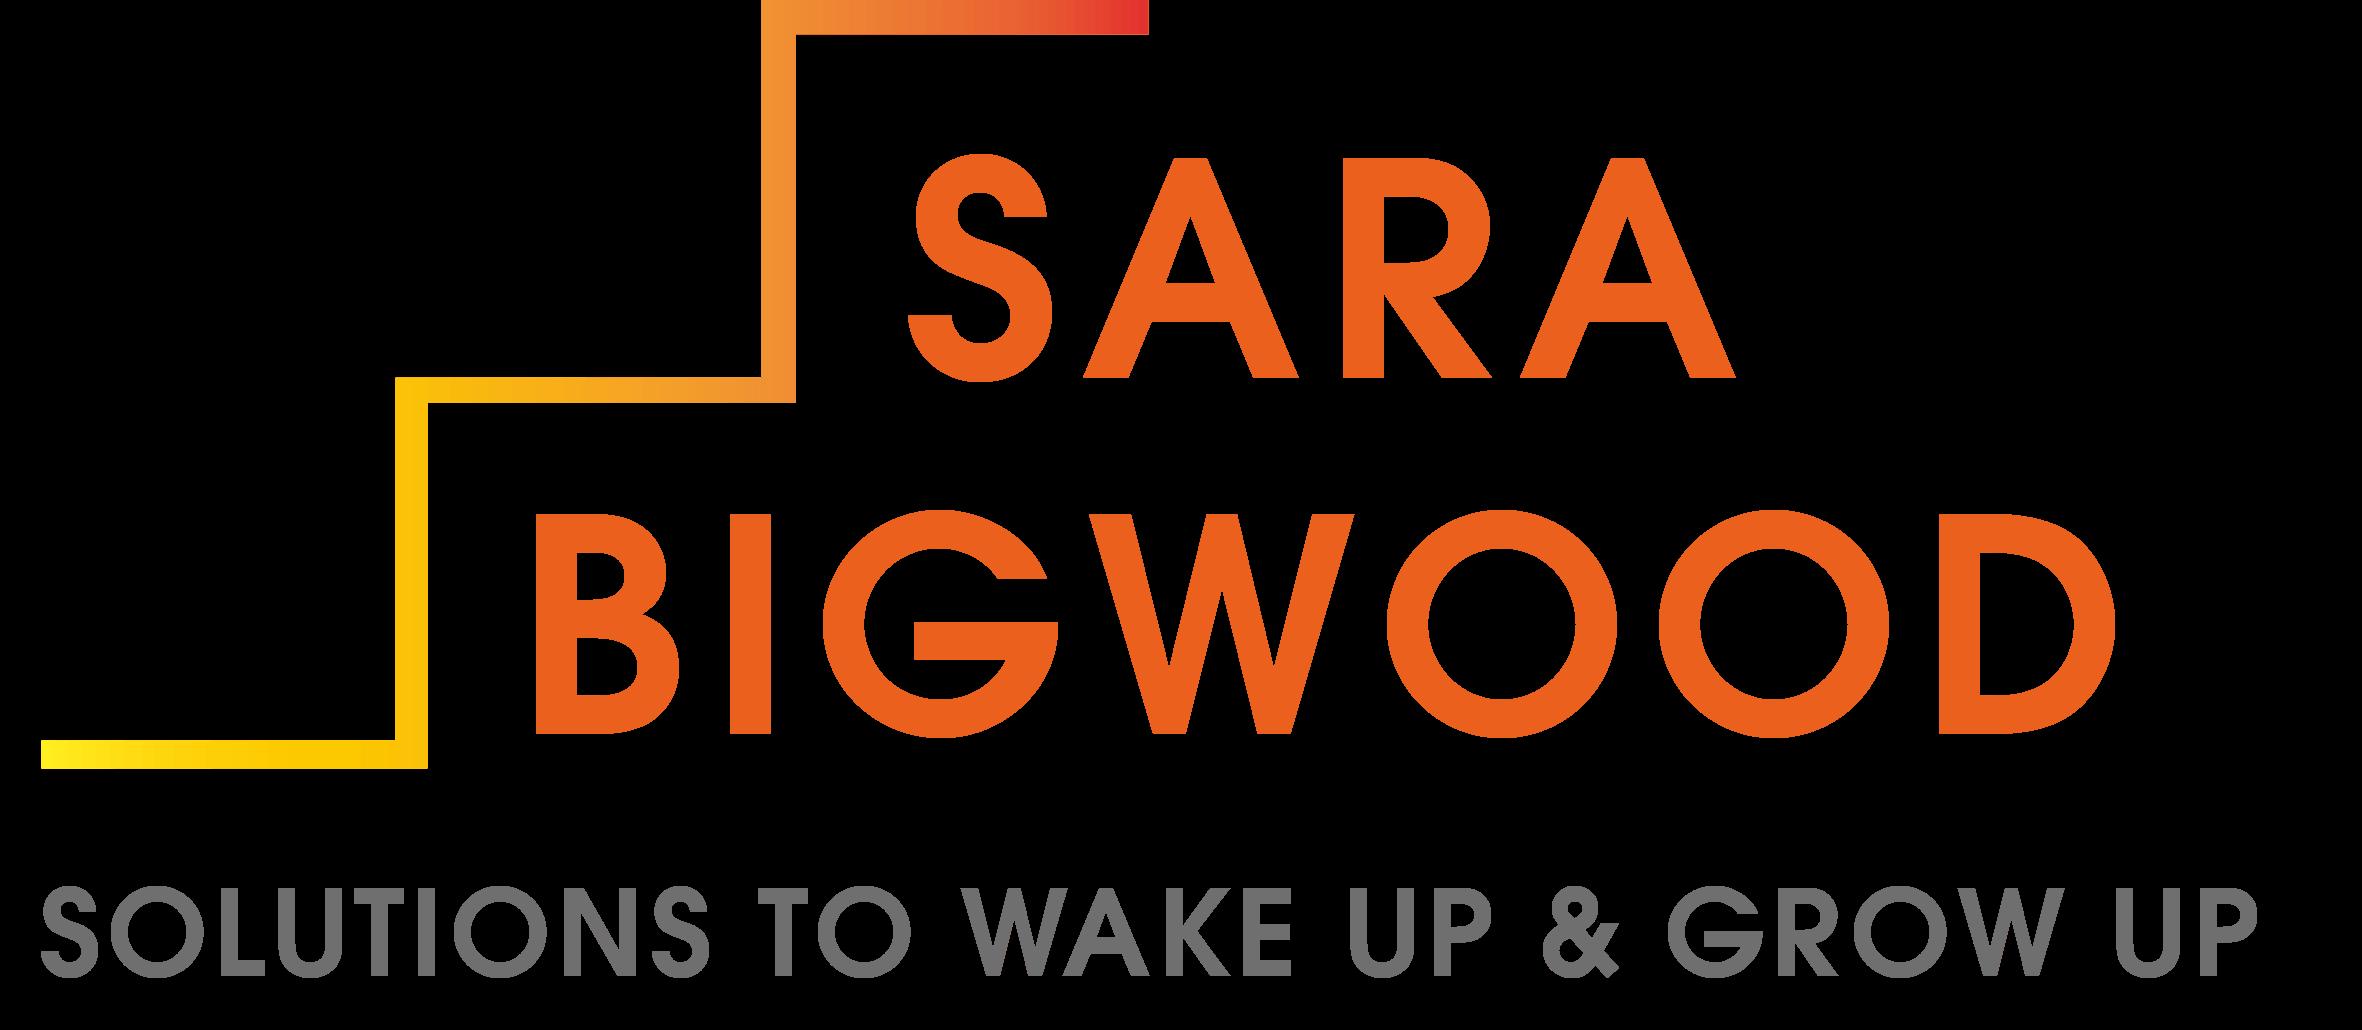 Sara Bigwood